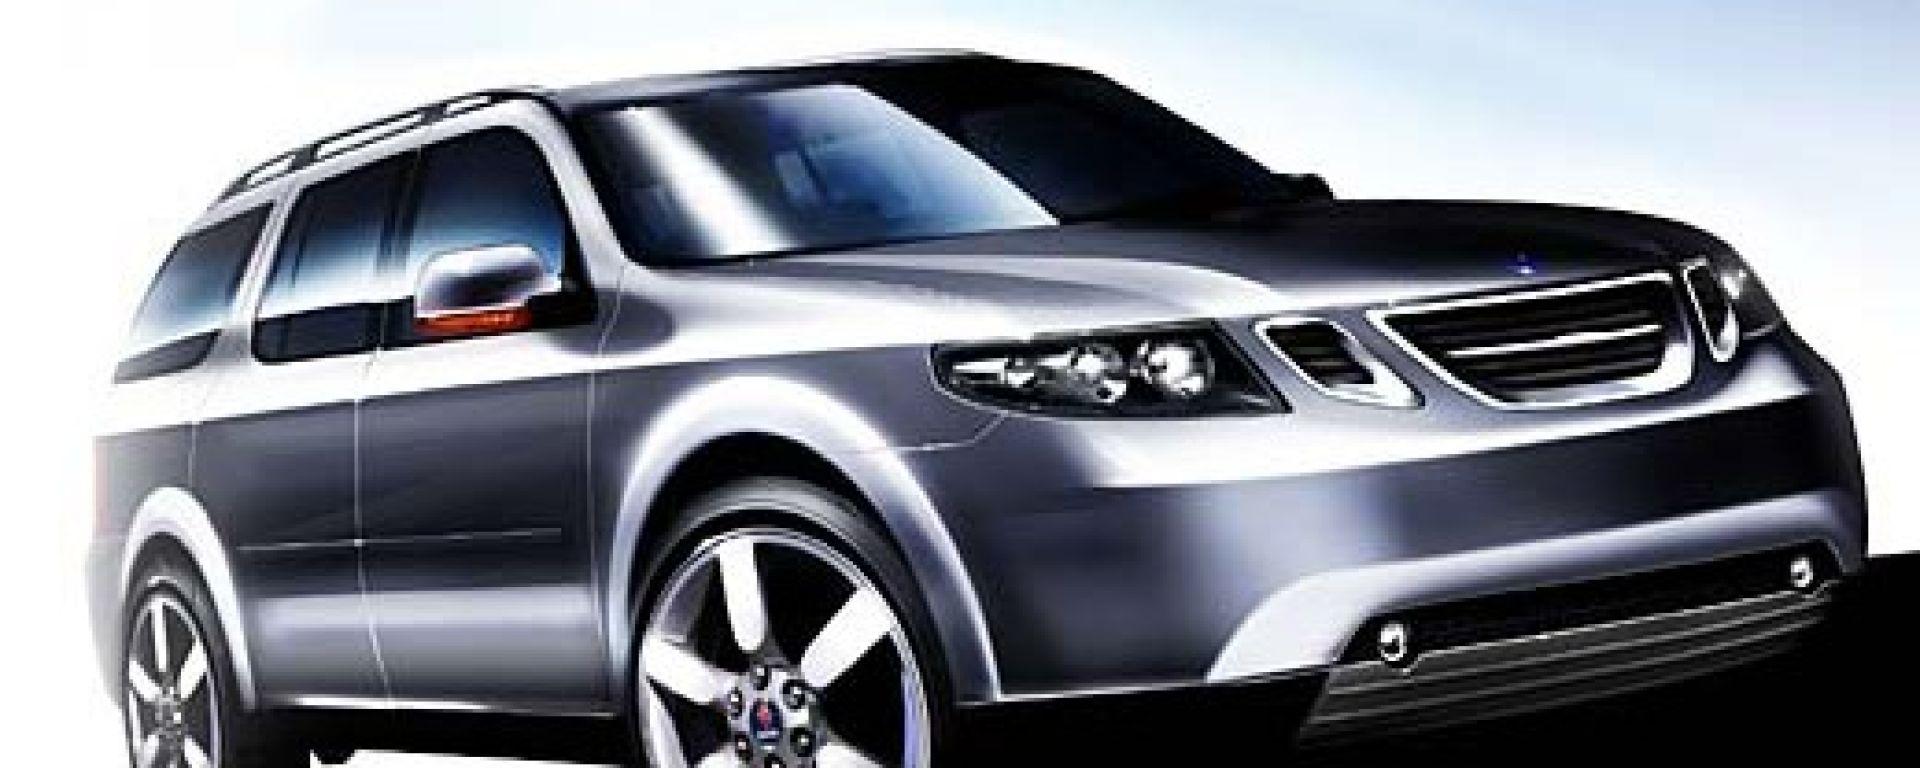 Anteprima:Saab 9-7X